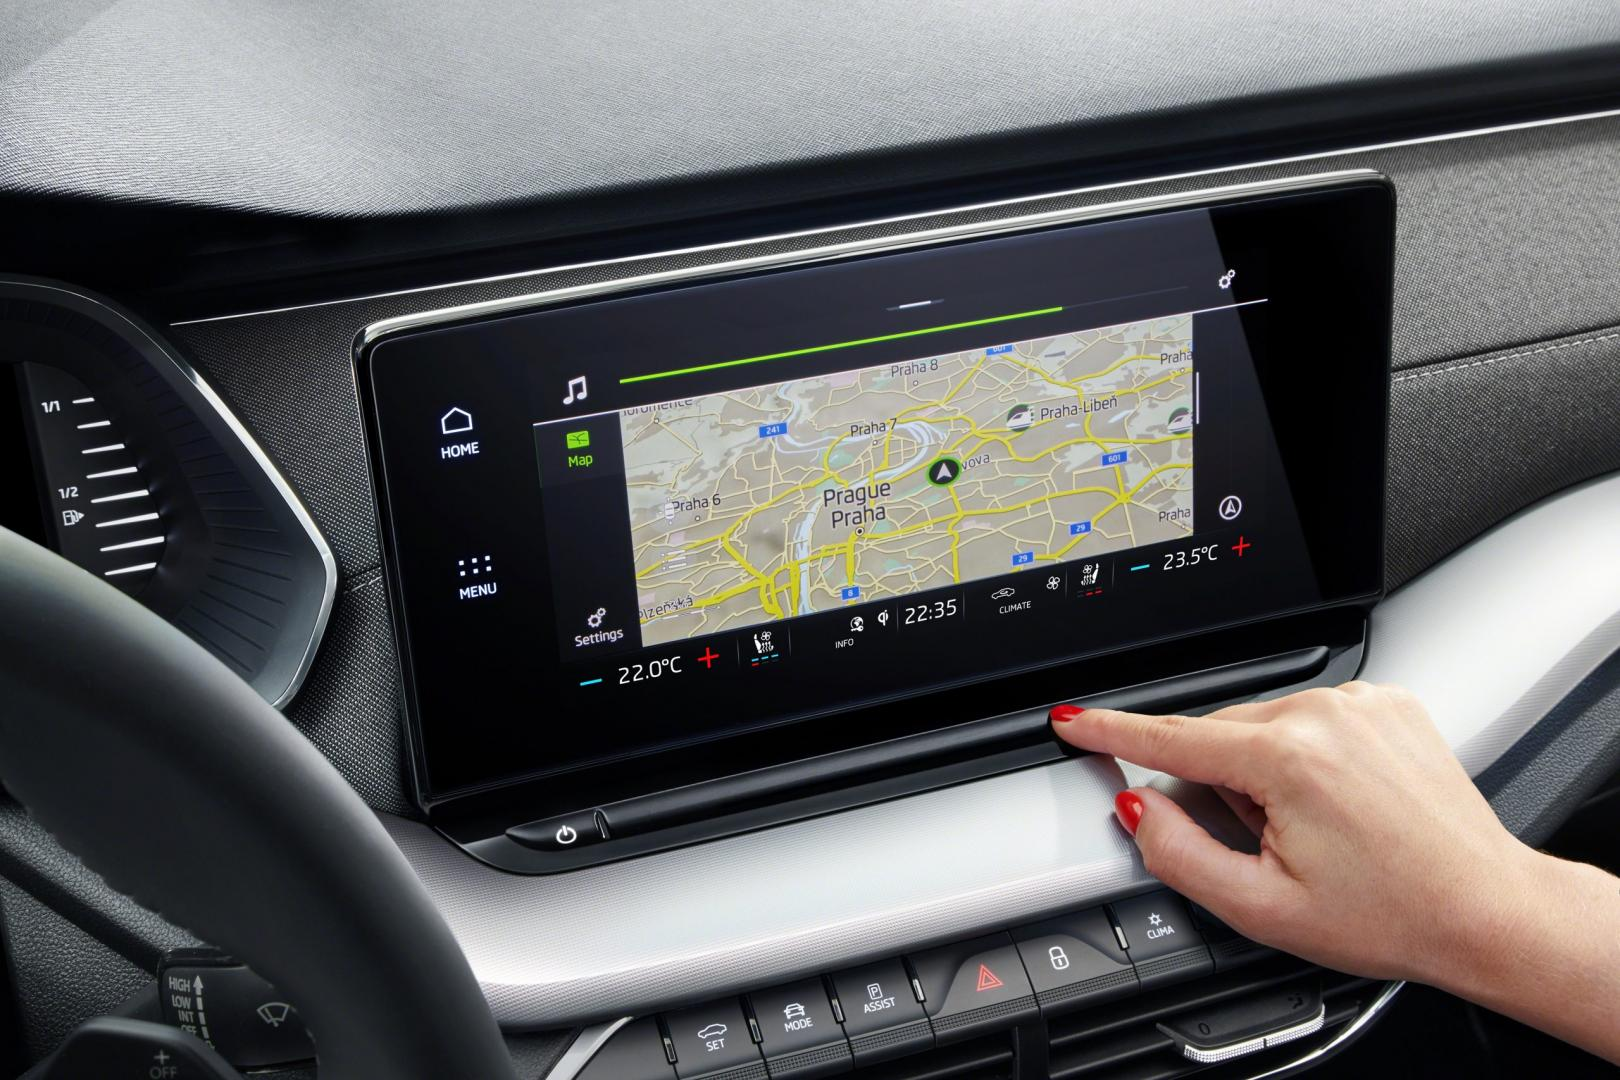 Nieuwe Skoda Octavia 2020 interieur dashboard scherm